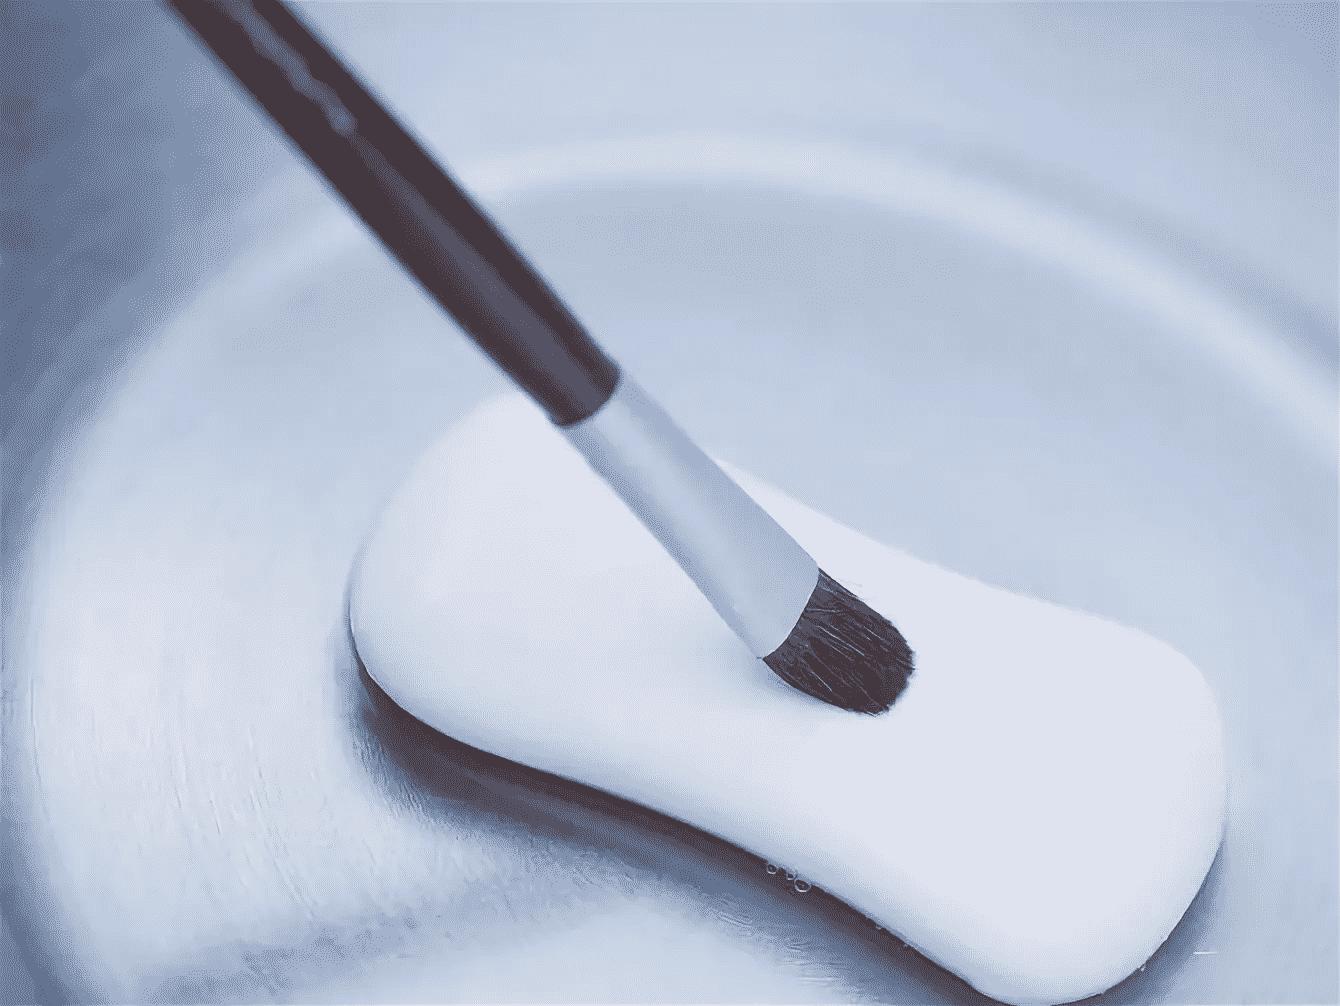 Как мыть кисти для макияжа твердыммылом | Как мыть кисти для макияжа в домашних условиях